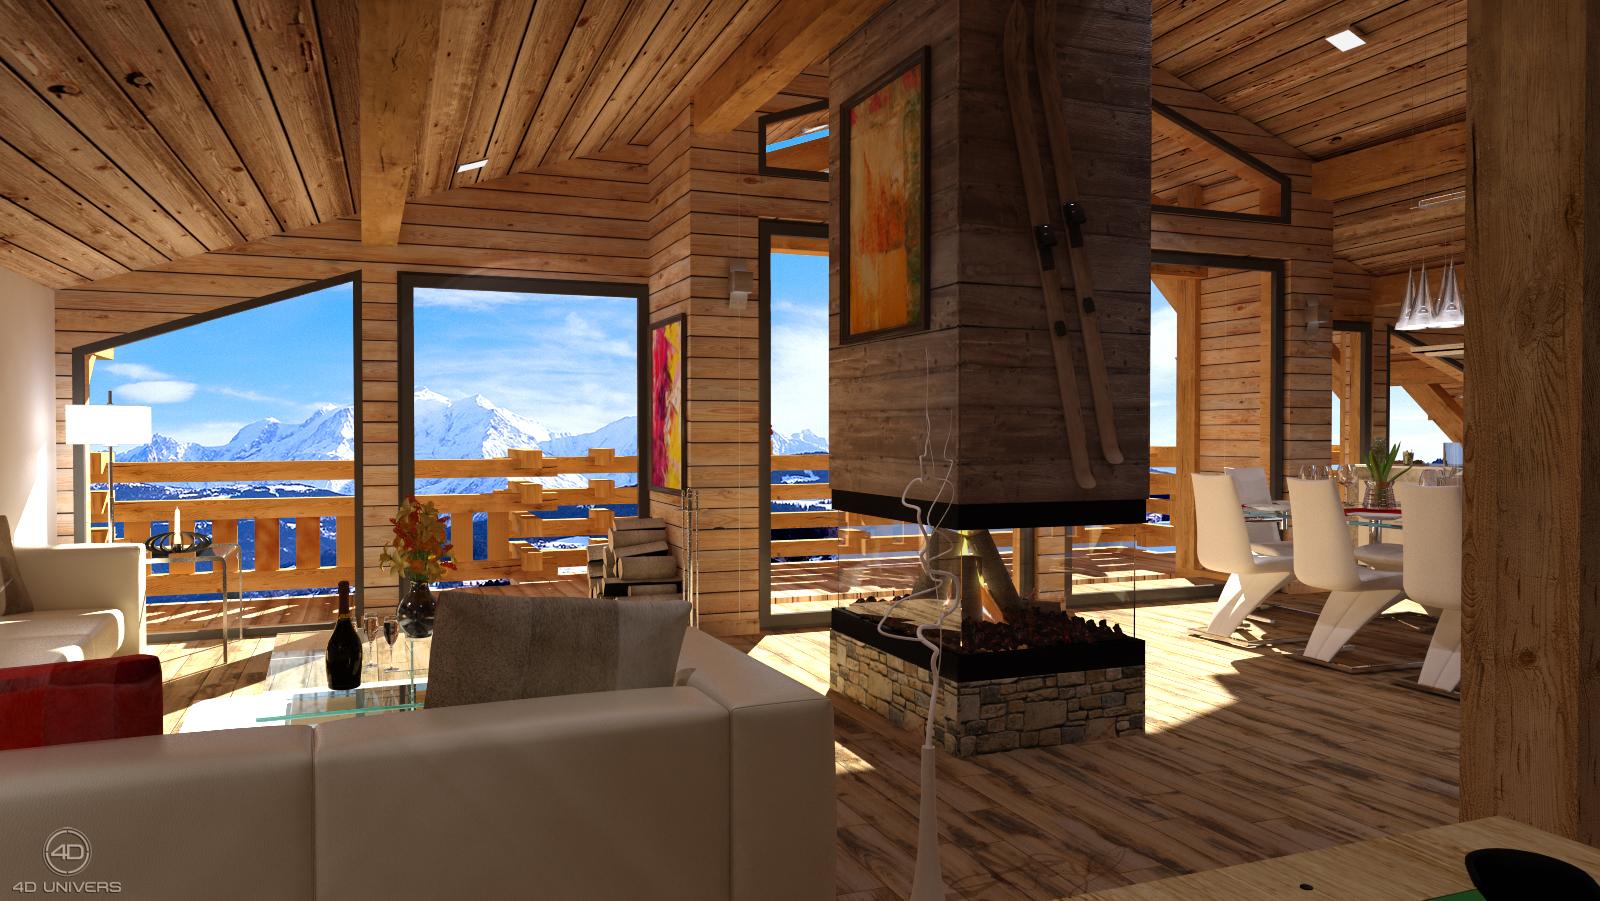 R alisation de films 3d 4d univers studio animation 3d for Job decoration interieur